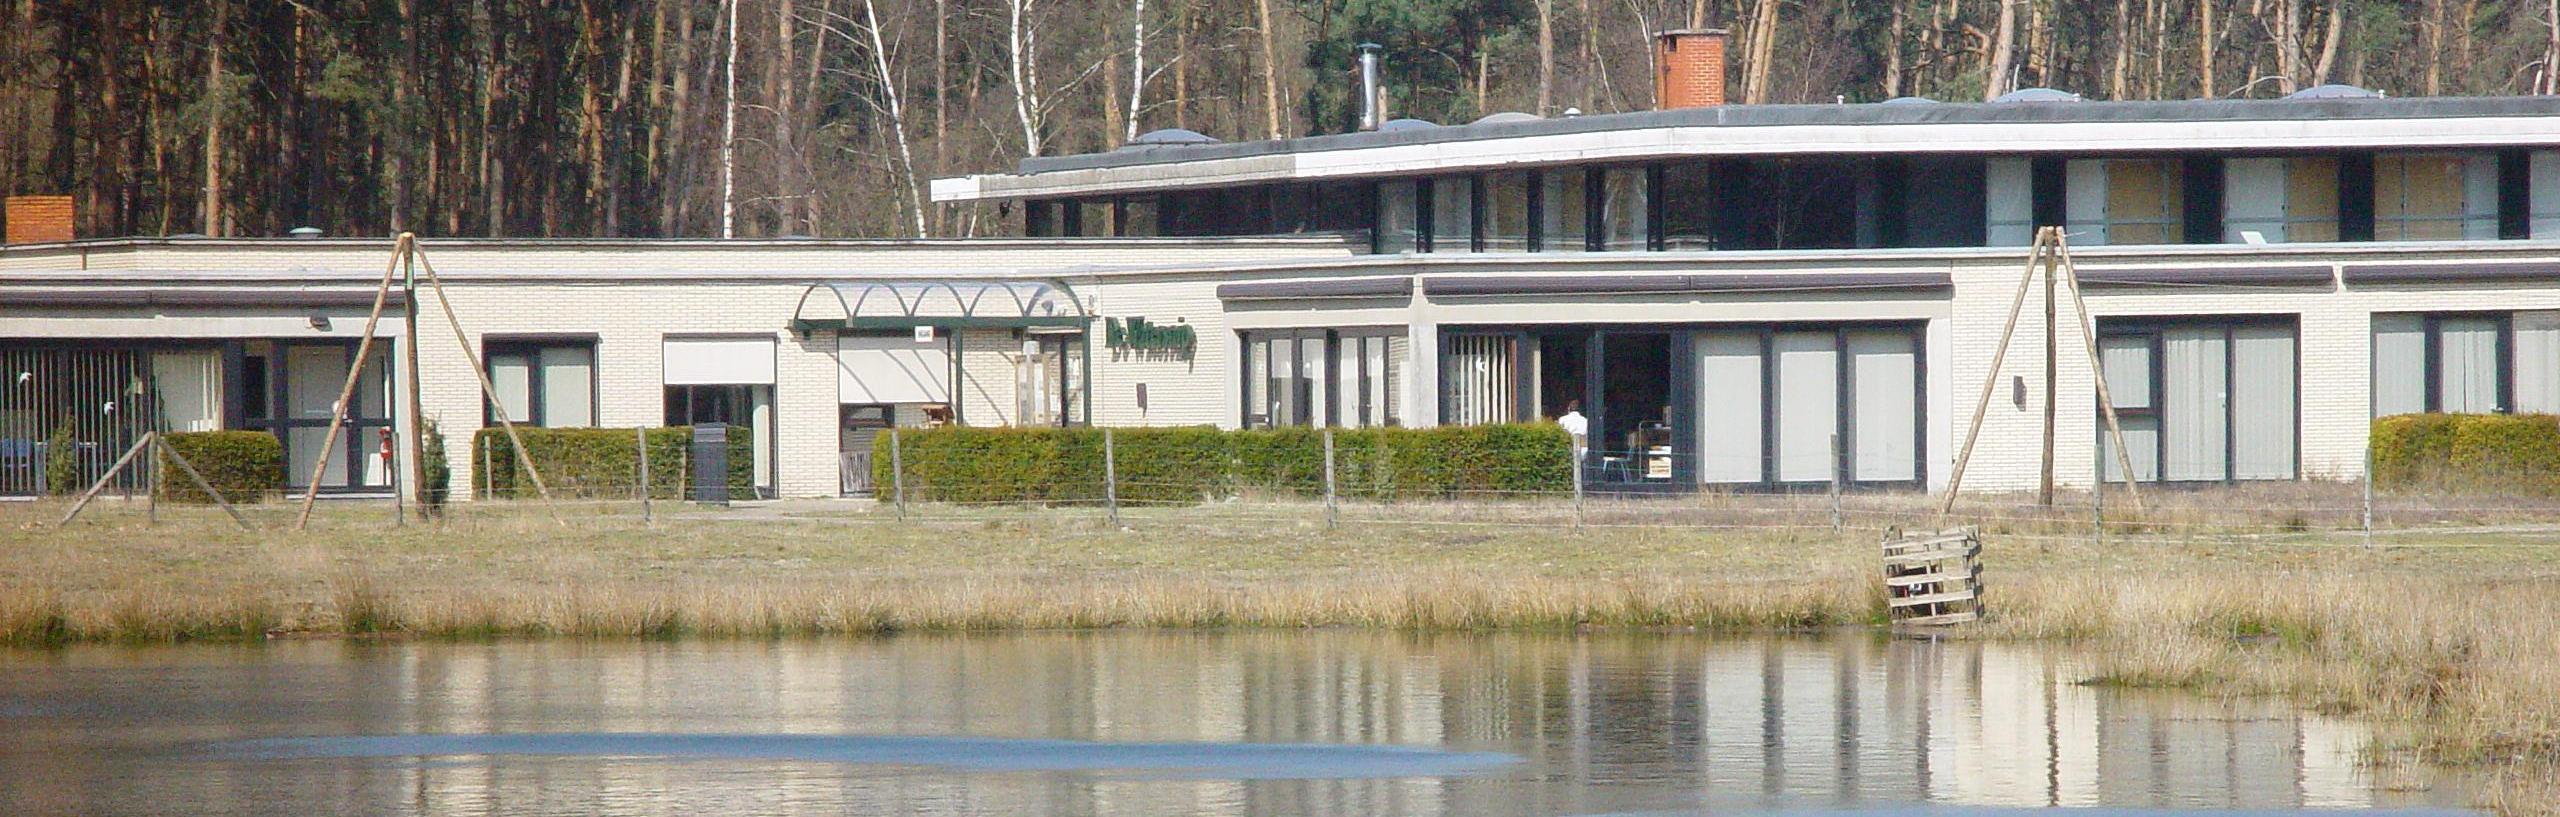 Bezoekerscentrum De Watersnip